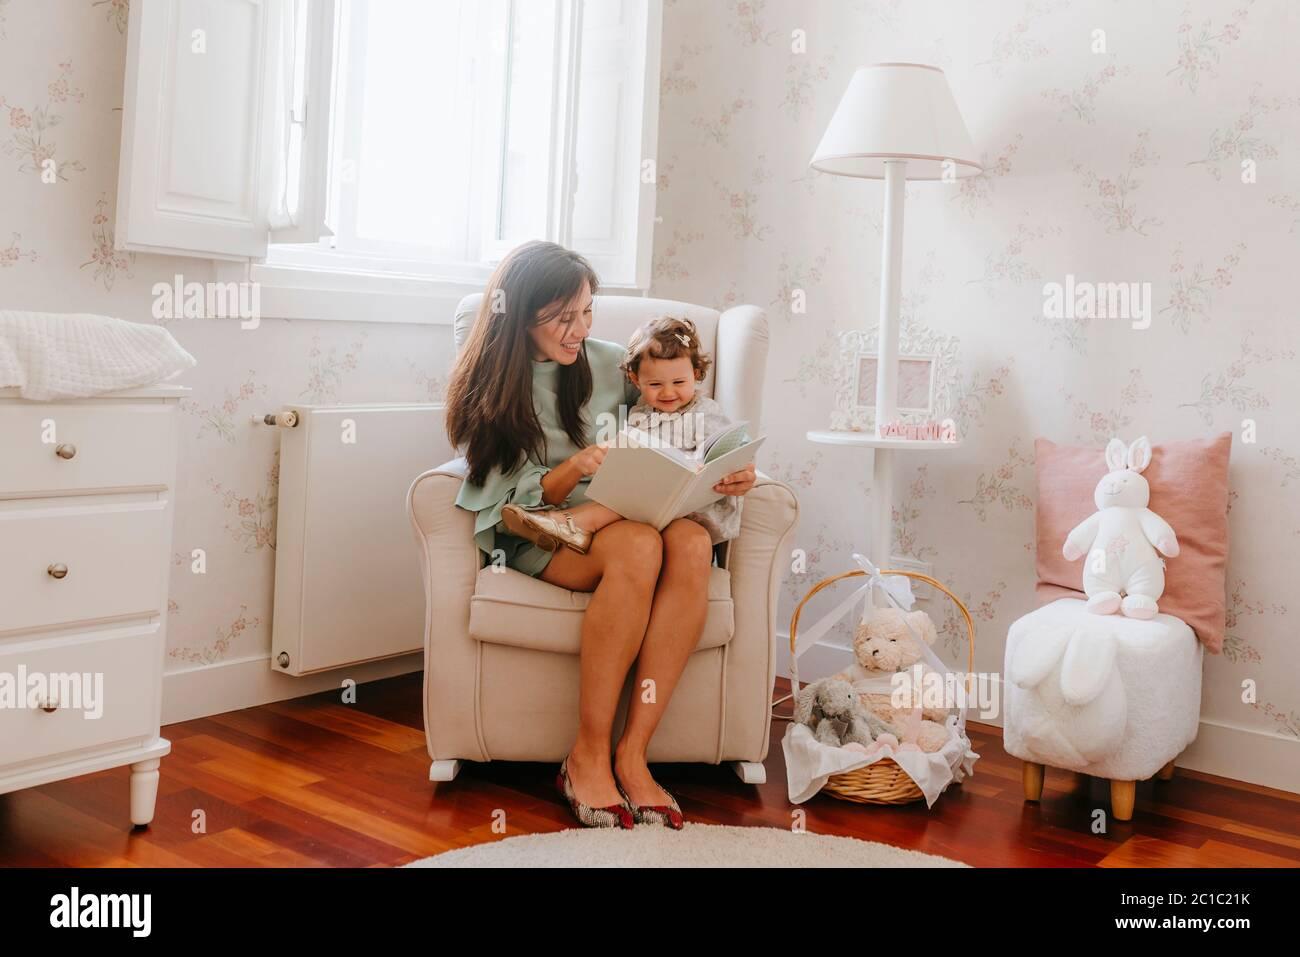 niña que se divierte sentada sobre su madre embarazada en la habitación Foto de stock